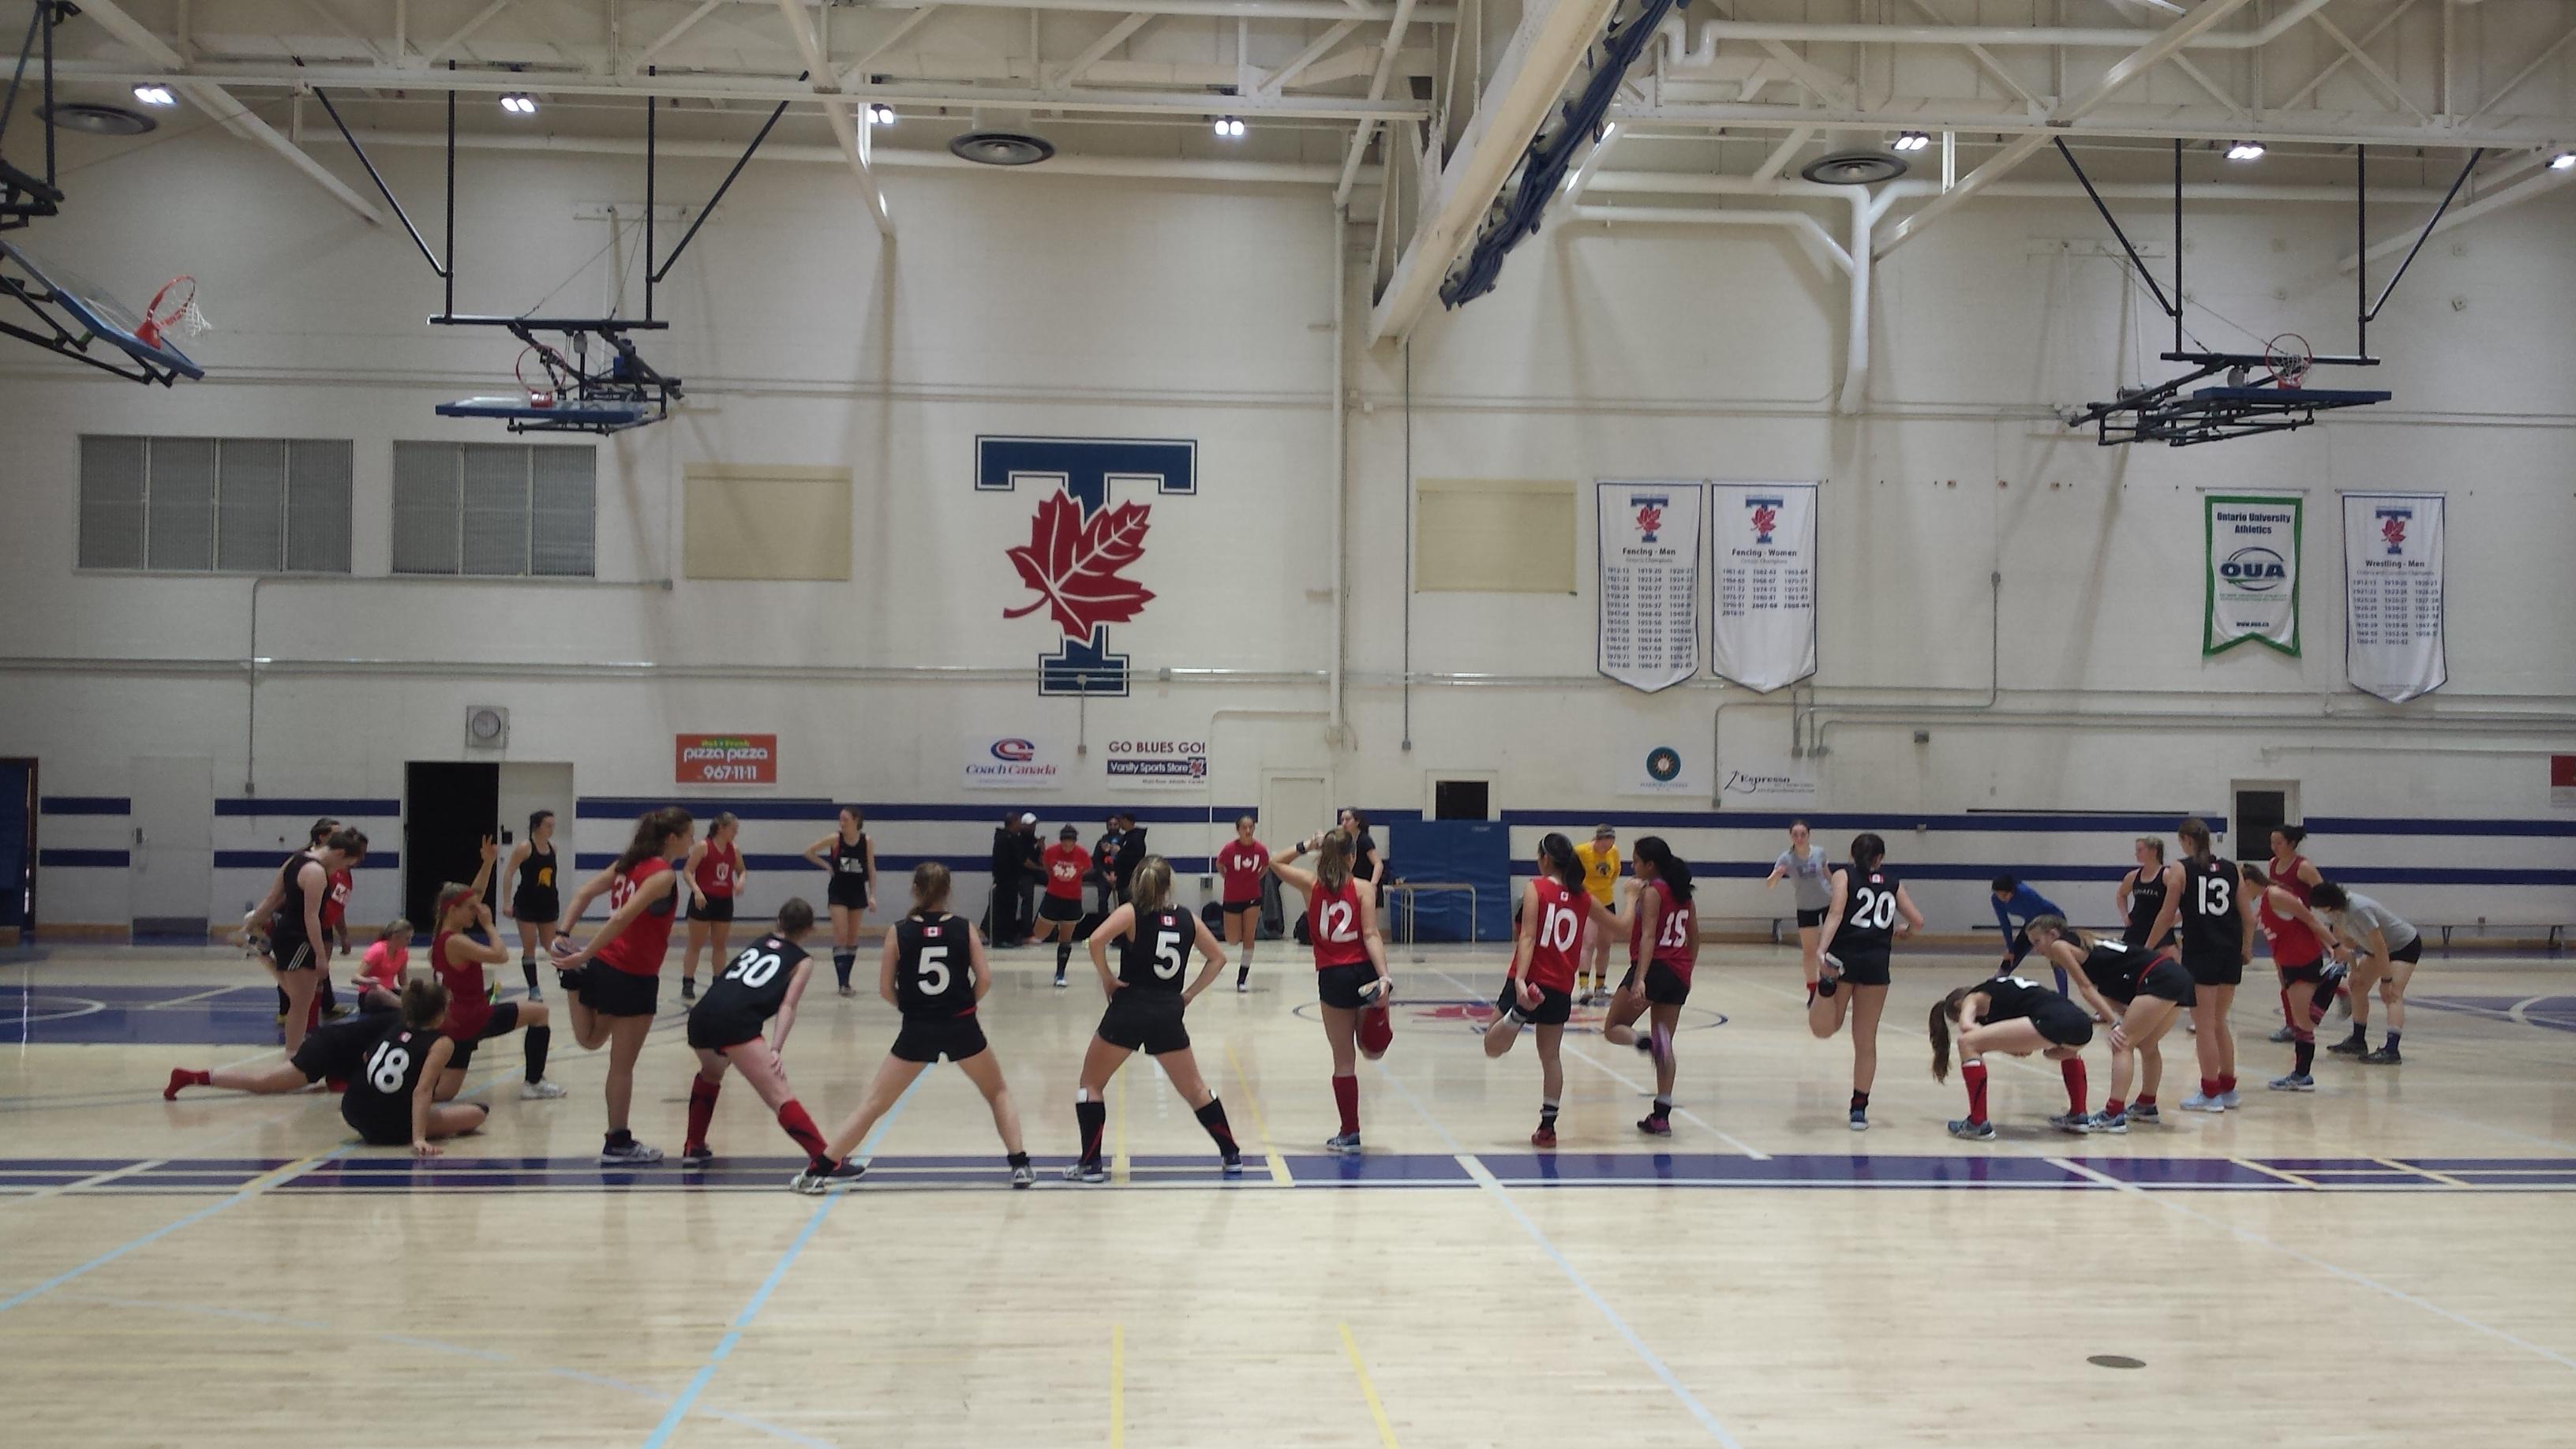 2019 Indoor Hockey Series Field Hockey Canada